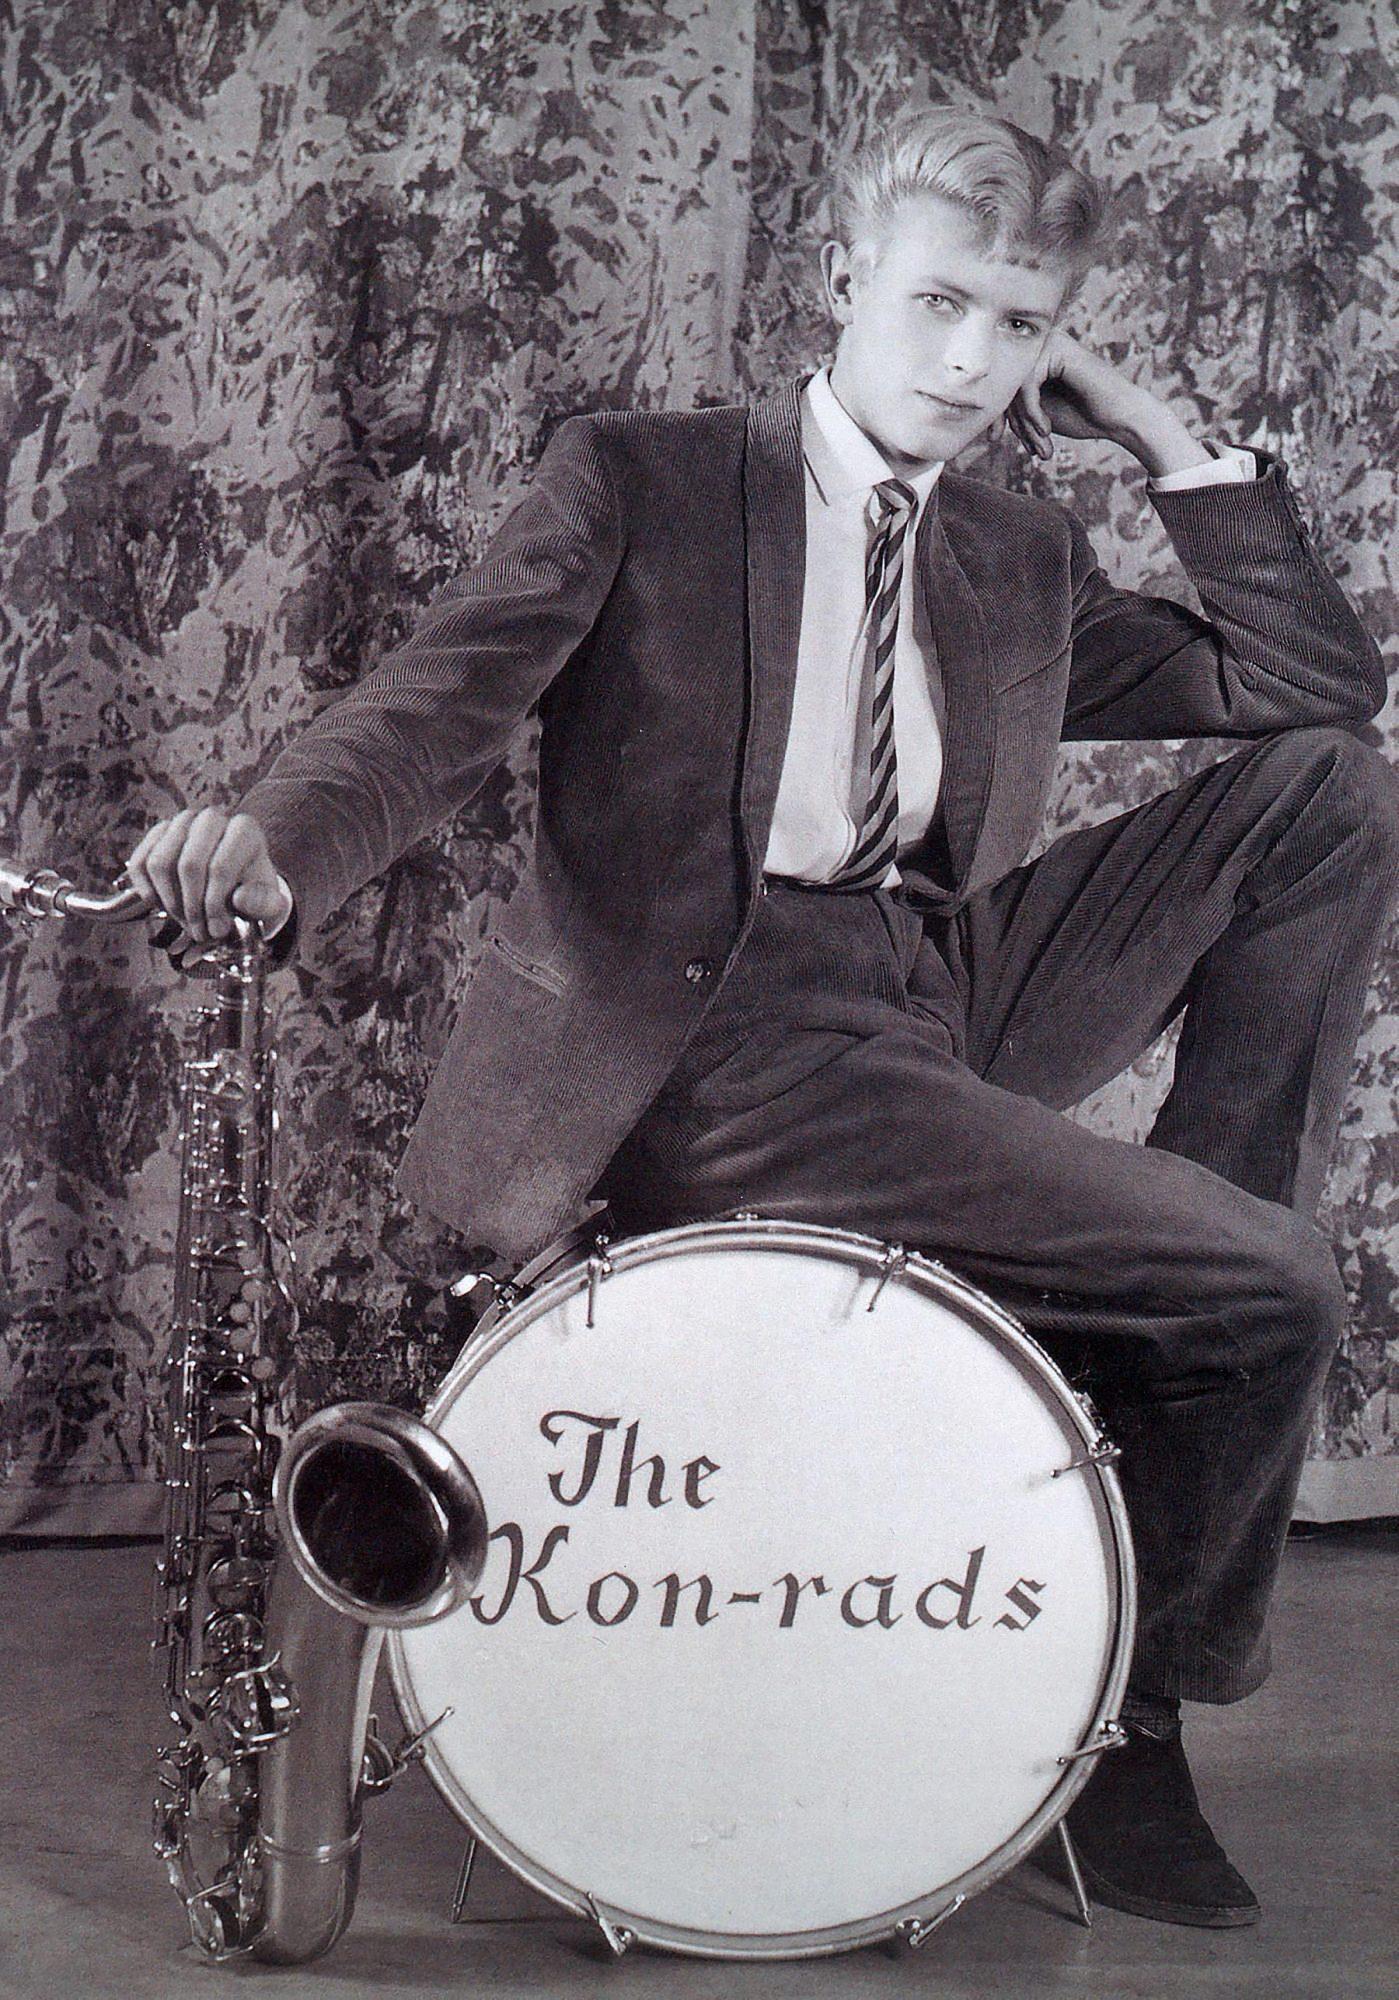 Publicity-photograph-for-The-Kon-rads,-1966